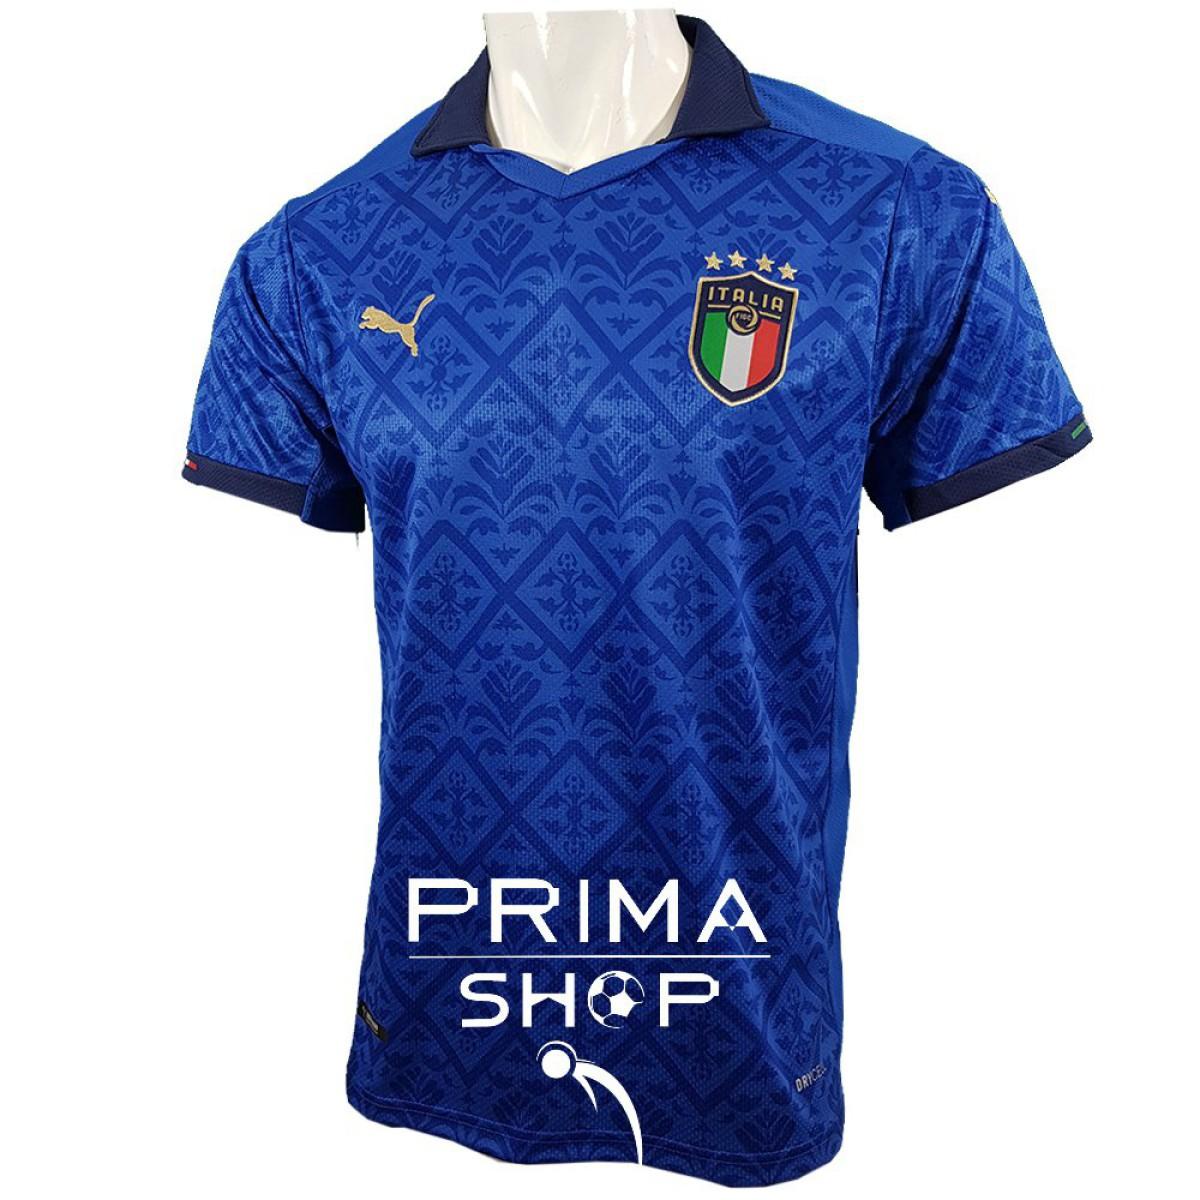 لباس تیم ملی ایتالیا  2020 | لباس ایتالیا 2020